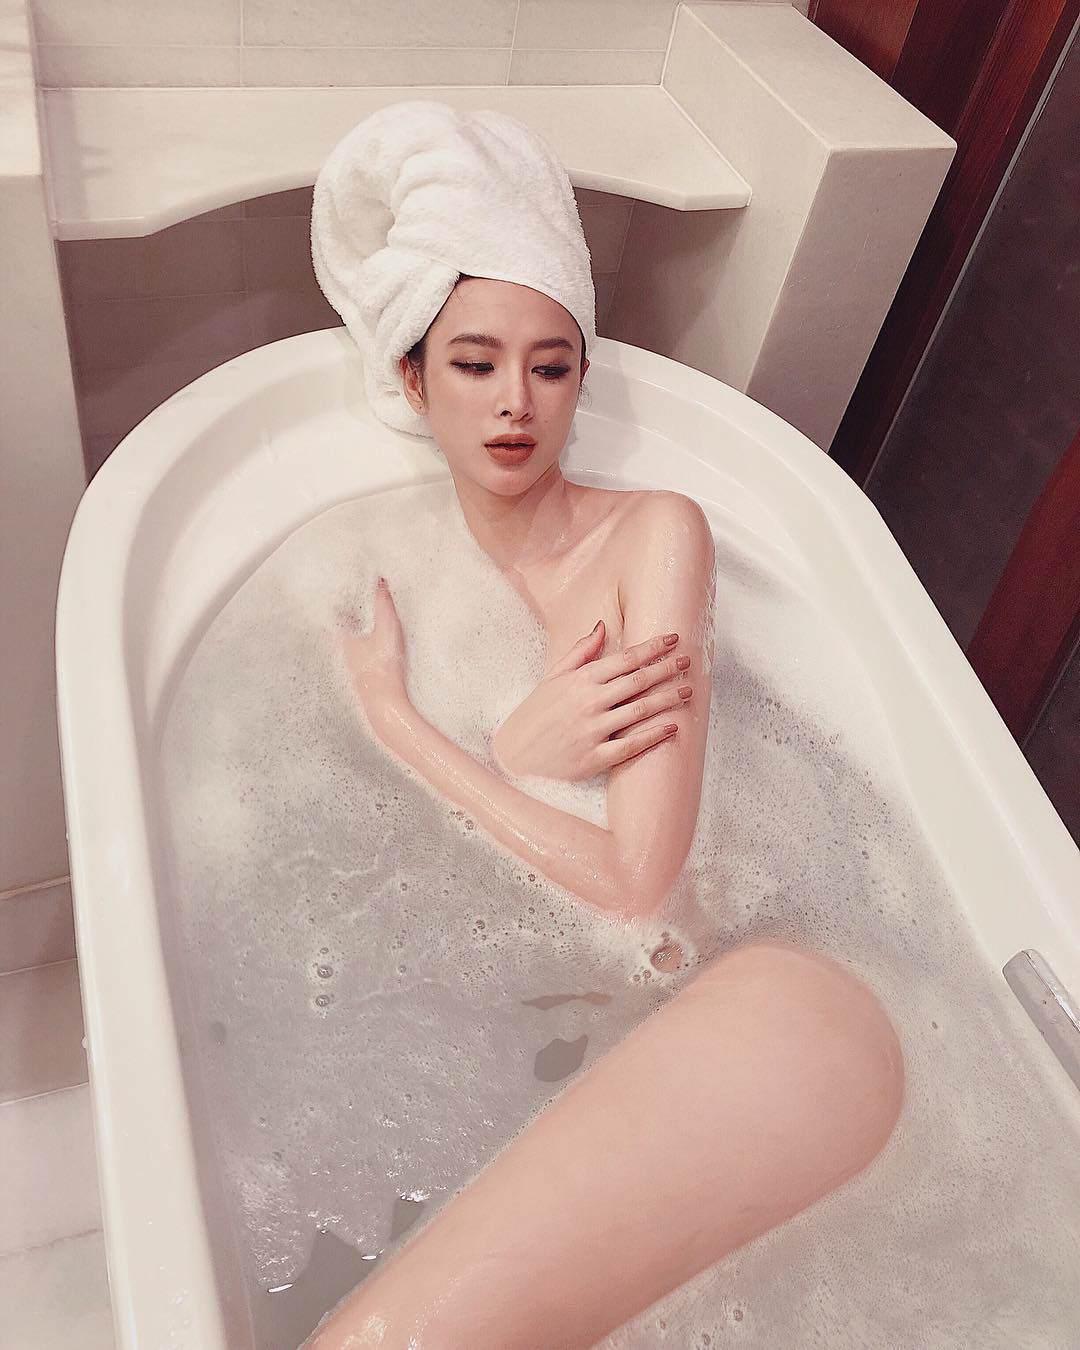 Tắm nước ấm sẽ giúp máu lưu thông tốt hơn, thúc đẩy có kinh sớm hơn